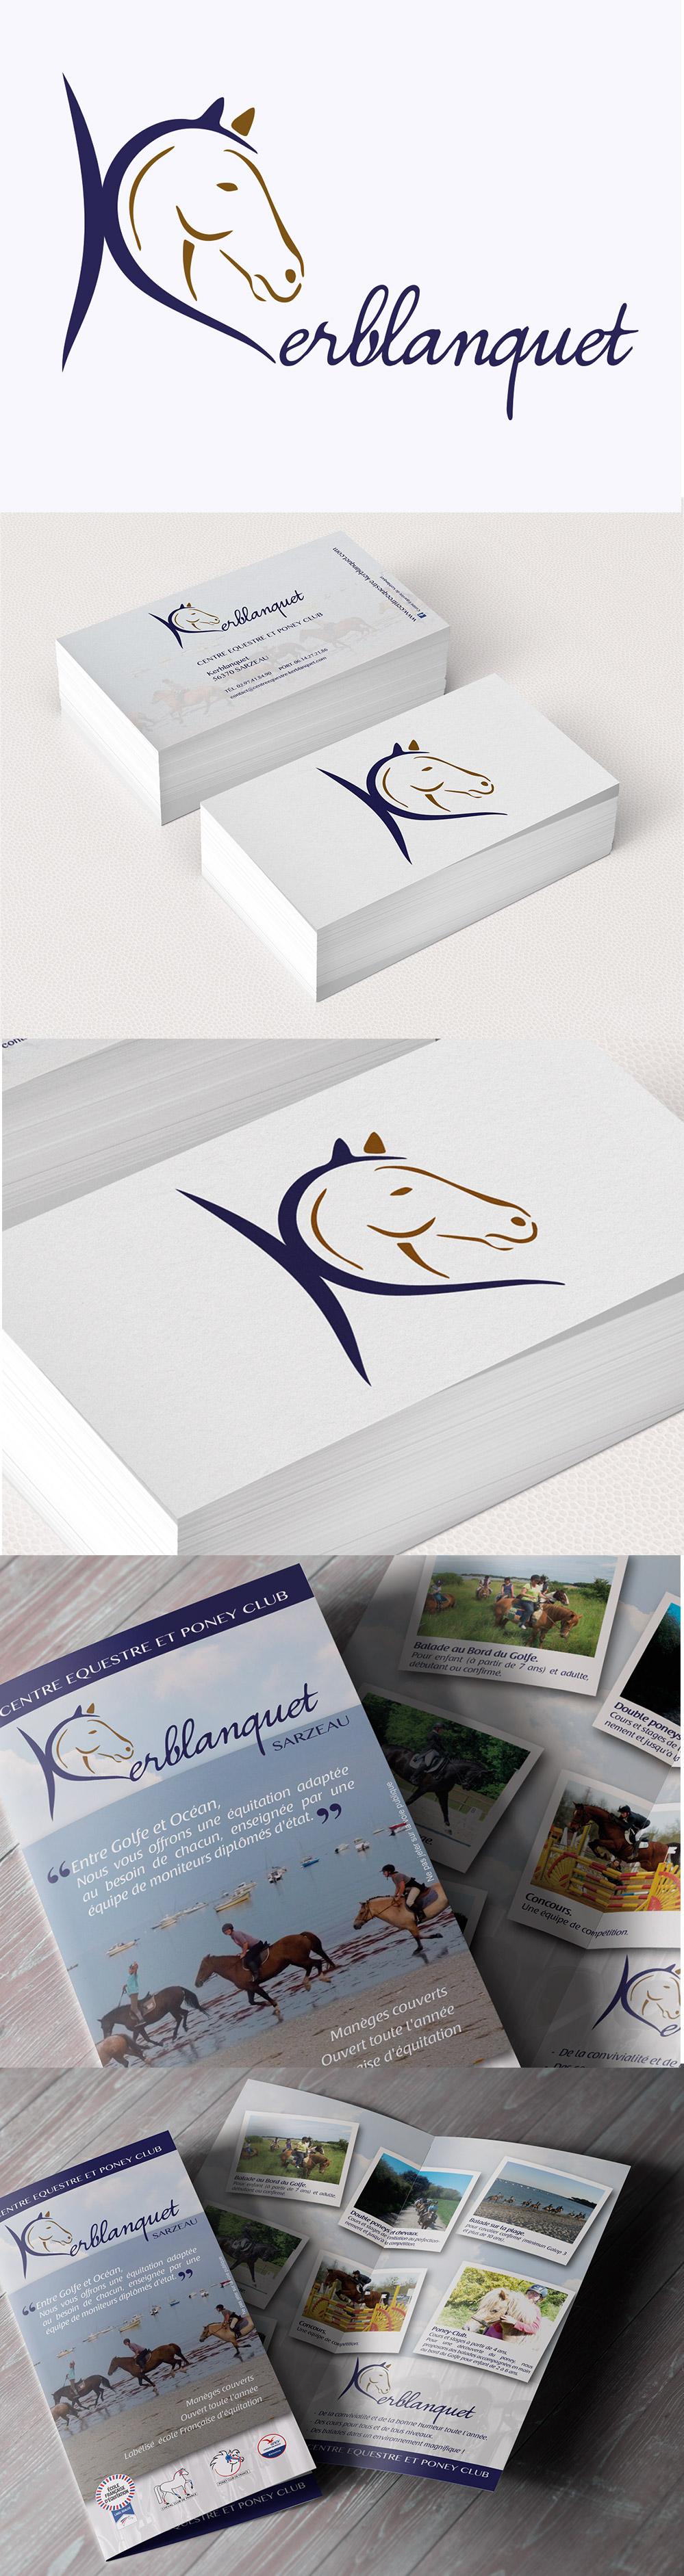 Identité visuelle et création graphique - Kerblanquet - Sarzeau - Logotype et flyer réalisés par Turkoiz Créations by Valérie Perrodo